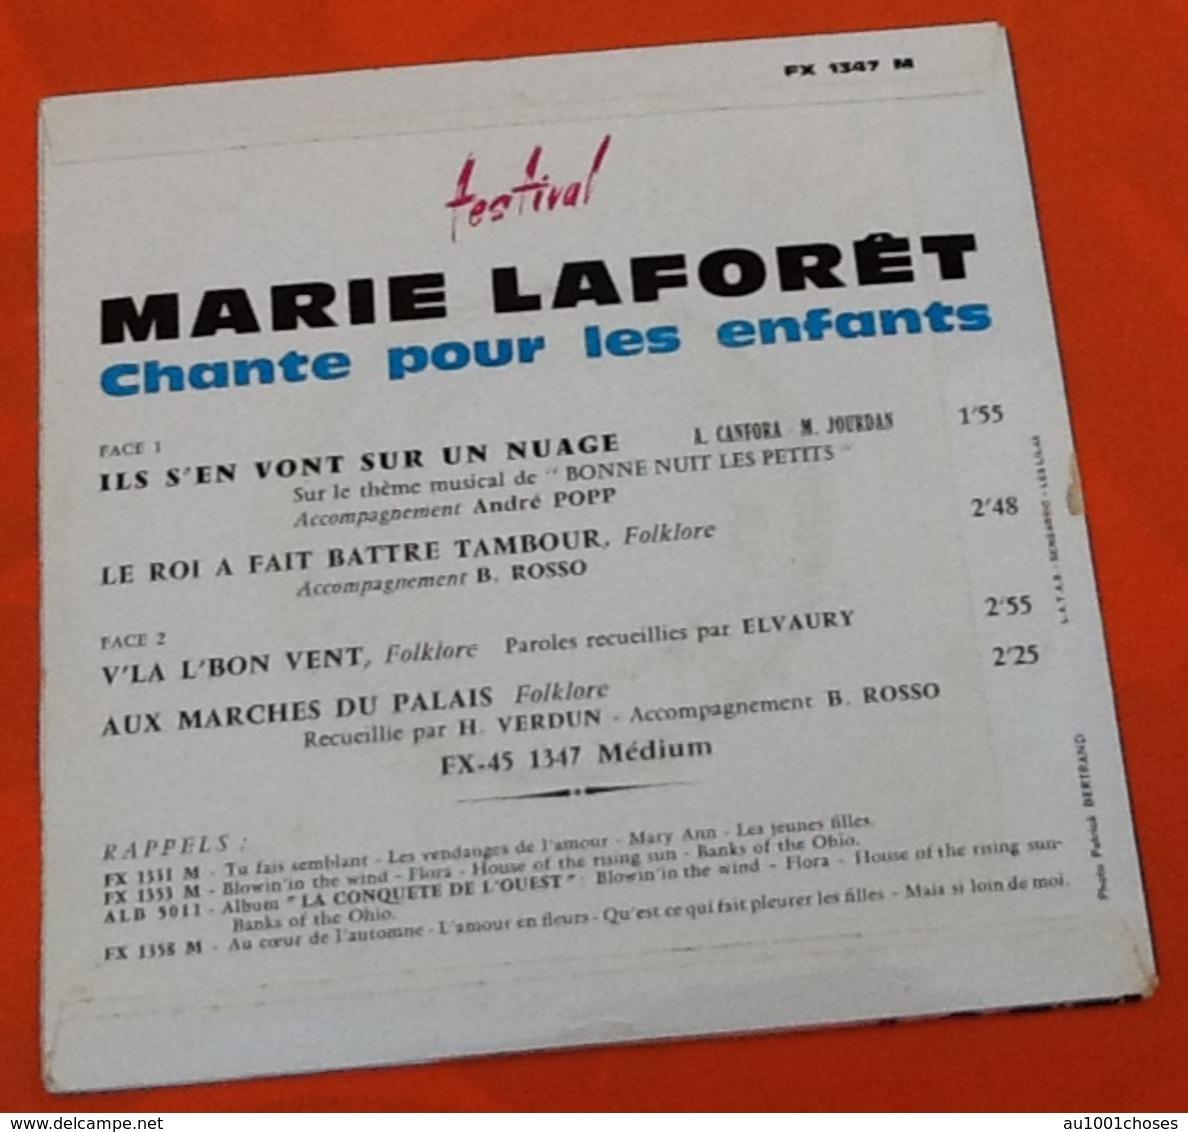 Vinyle 45 Tours  Marie Laforêt Chante Pour Les Enfants Ils S' En Vont Sur Un Nuage (1960') - Disco, Pop